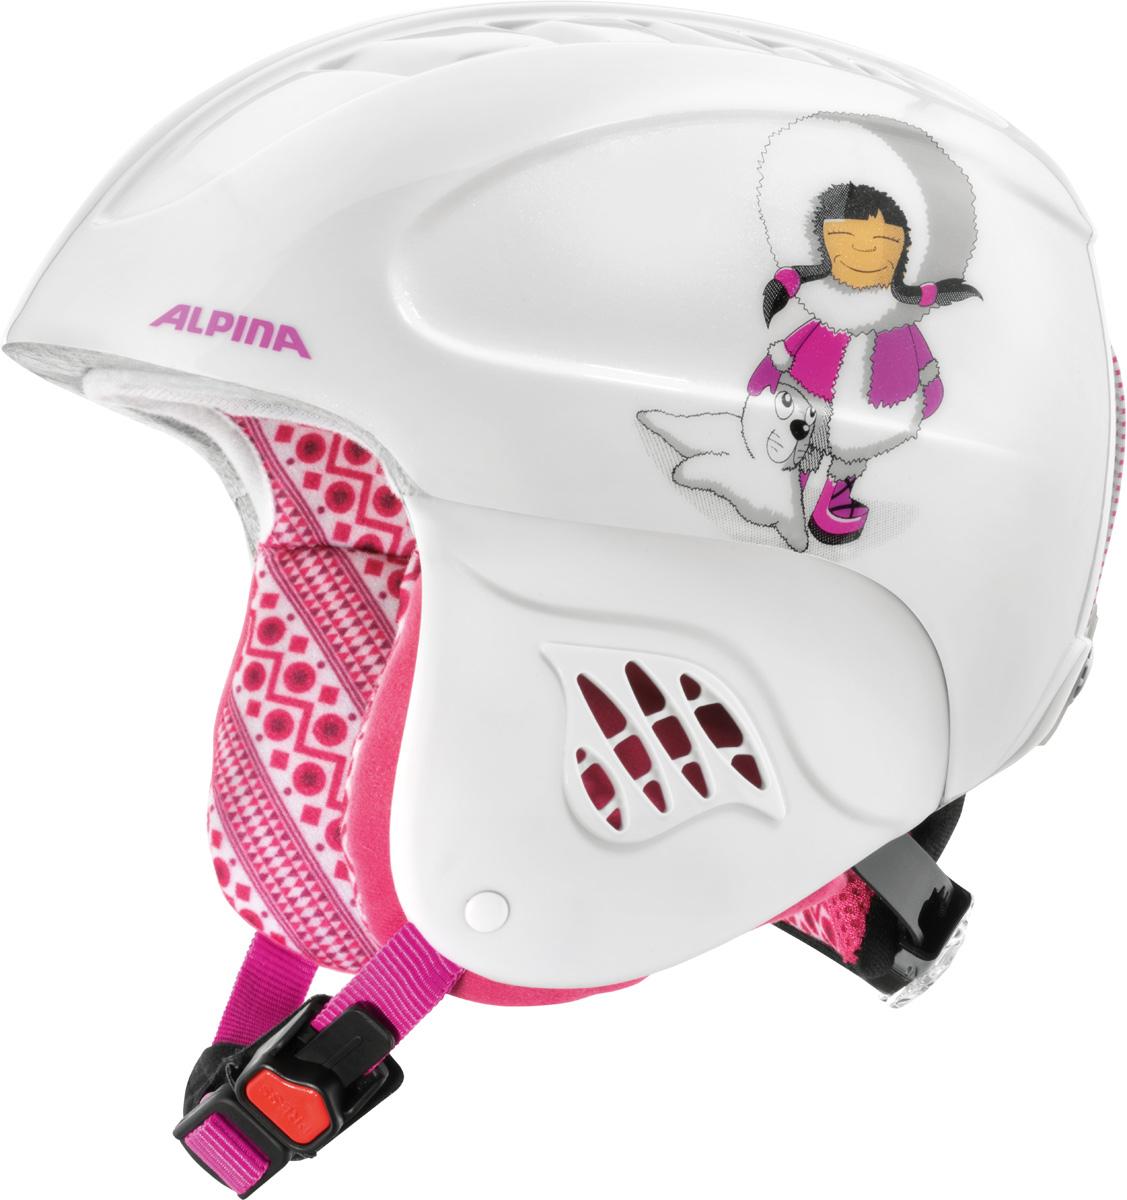 Шлем горнолыжный детский Alpina Carat, цвет: белый, розовый. A9035_27. Размер 51-55A9035_27Дети считают, что главное это внешний вид. У родителей защита в приоритете. Эта модель Alpina Carat идеально удовлетворяет требованиям обоих поколений.Технологии: Inmold Tec – технология соединения внутренней и внешней части шлема при помощи высокой температуры. Данный метод делает соединение исключительно прочным, а сам шлем легким. Такой метод соединения гораздо надежнее и безопаснее обычного склеивания.Ceramic – особая технология производства внешней оболочки шлема. Используются легковесные материалы экстремально прочные и устойчивые к царапинам. Возможно использование при сильном УФ изучении, так же поверхность имеет антистатическое покрытие.Run System – простая система настройки шлема, позволяющая добиться надежной фиксации.Changeable Interior – съемная внутренняя часть. Допускается стирка в теплой мыльной воде.Neckwarmer – дополнительное утепление шеи. Изготовлено из мягкого флиса.Venting System – особые вентиляционные отверстия для отведения излишнего тепла и поддержания оптимальной температуры.